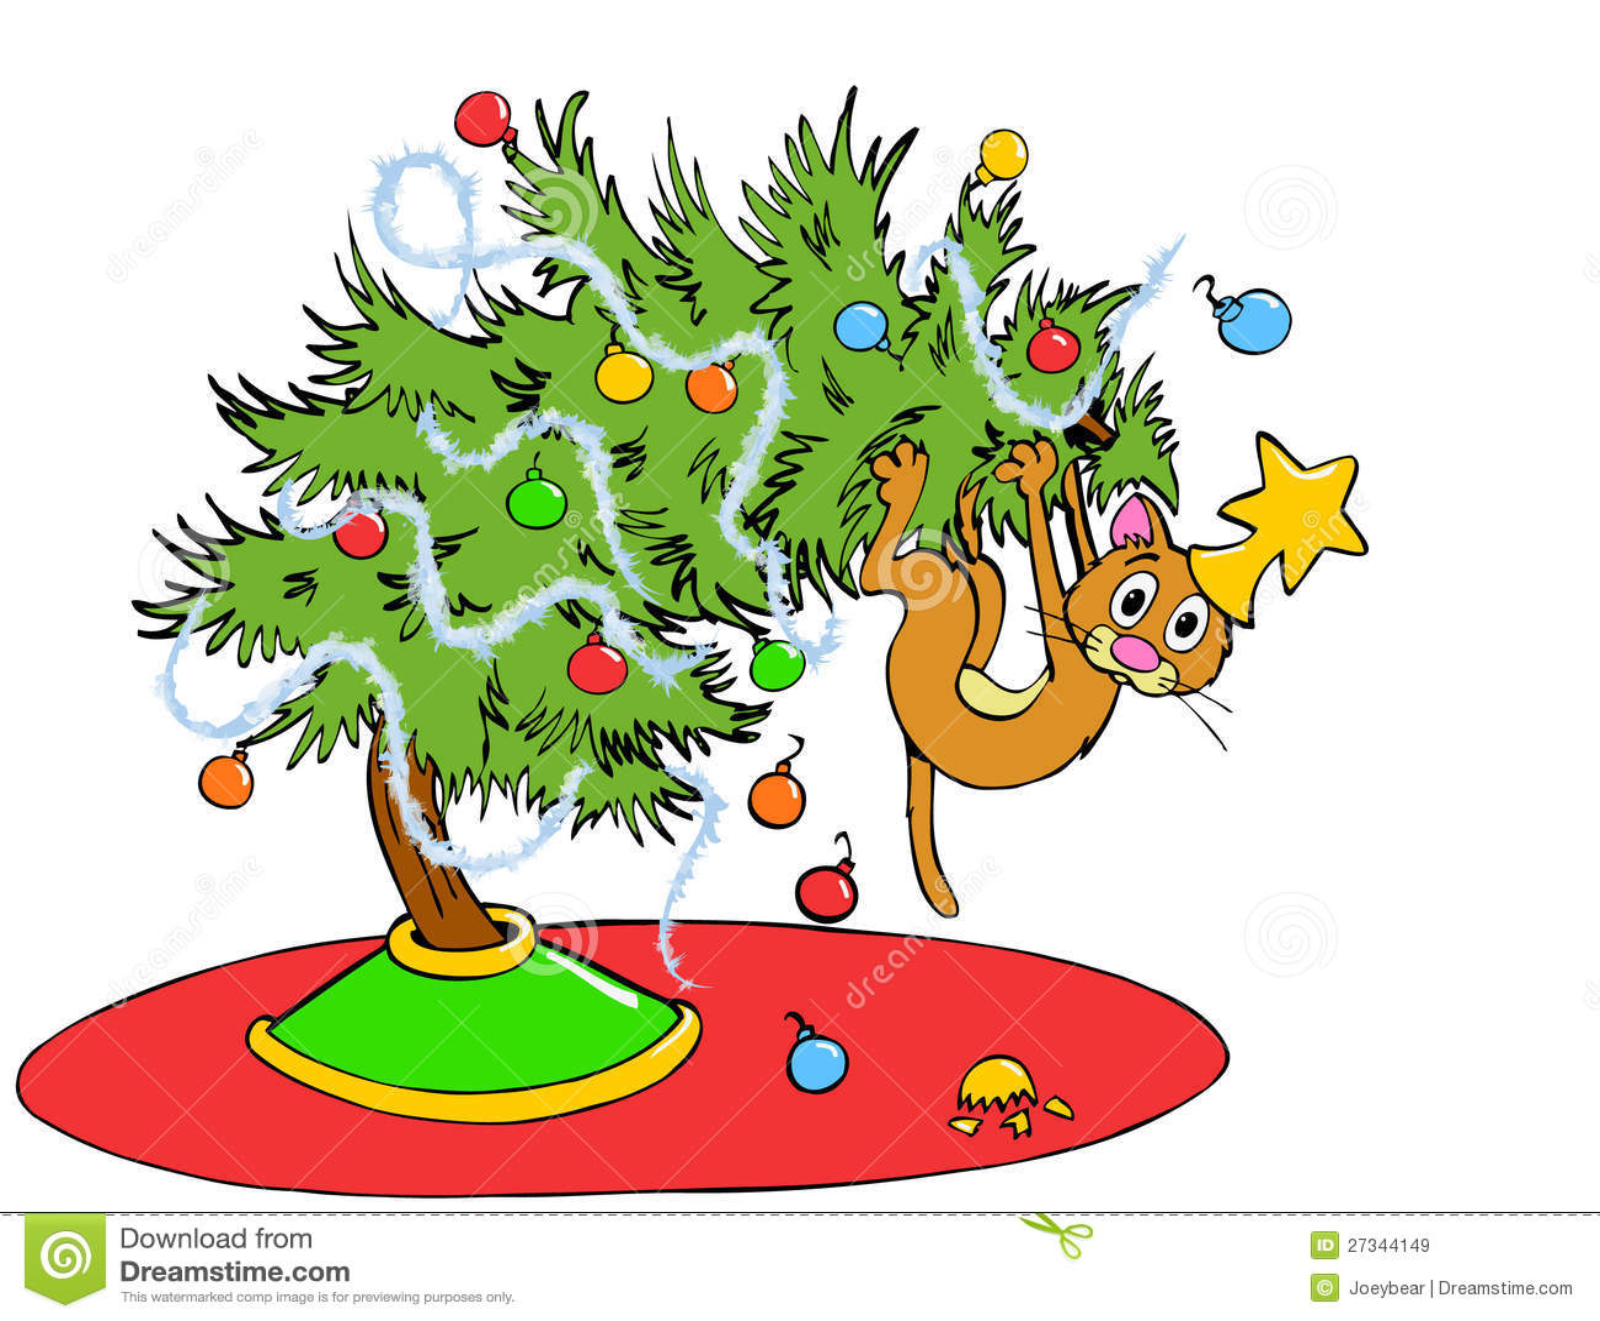 Weihnachtsbaum Katze Vektor Abbildung Illustration Von